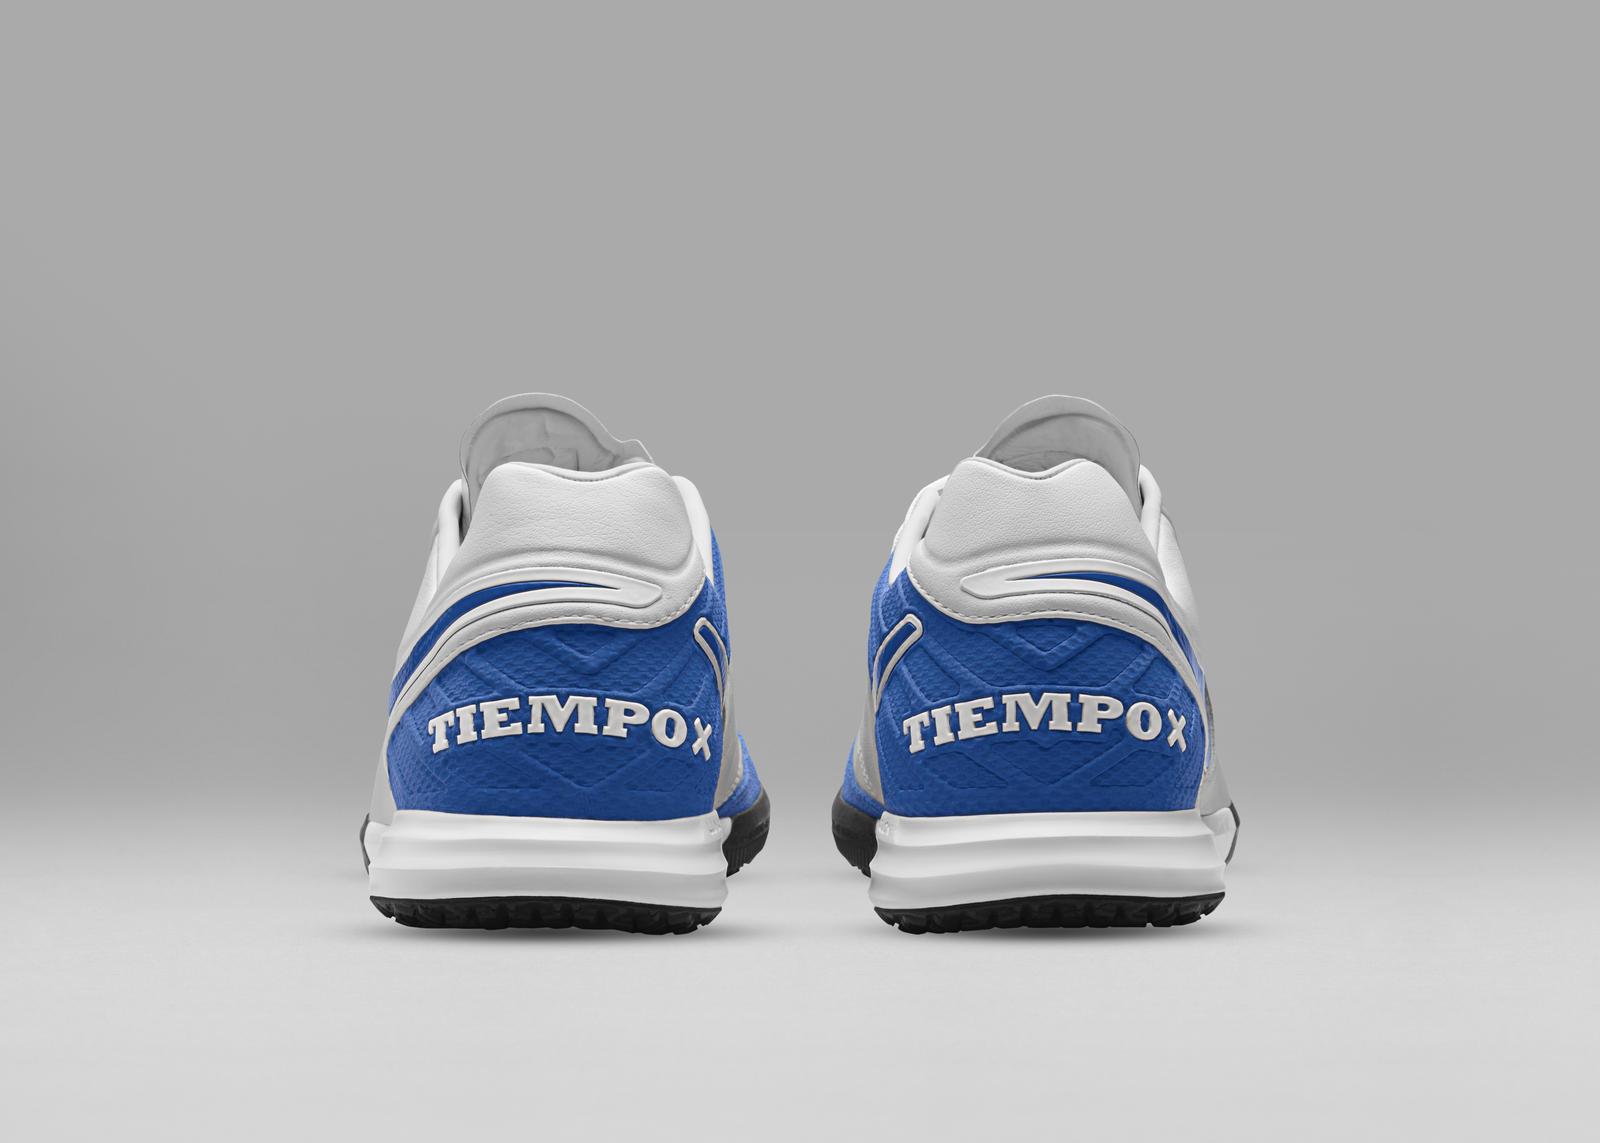 Nike Heritage Pack TiempoX